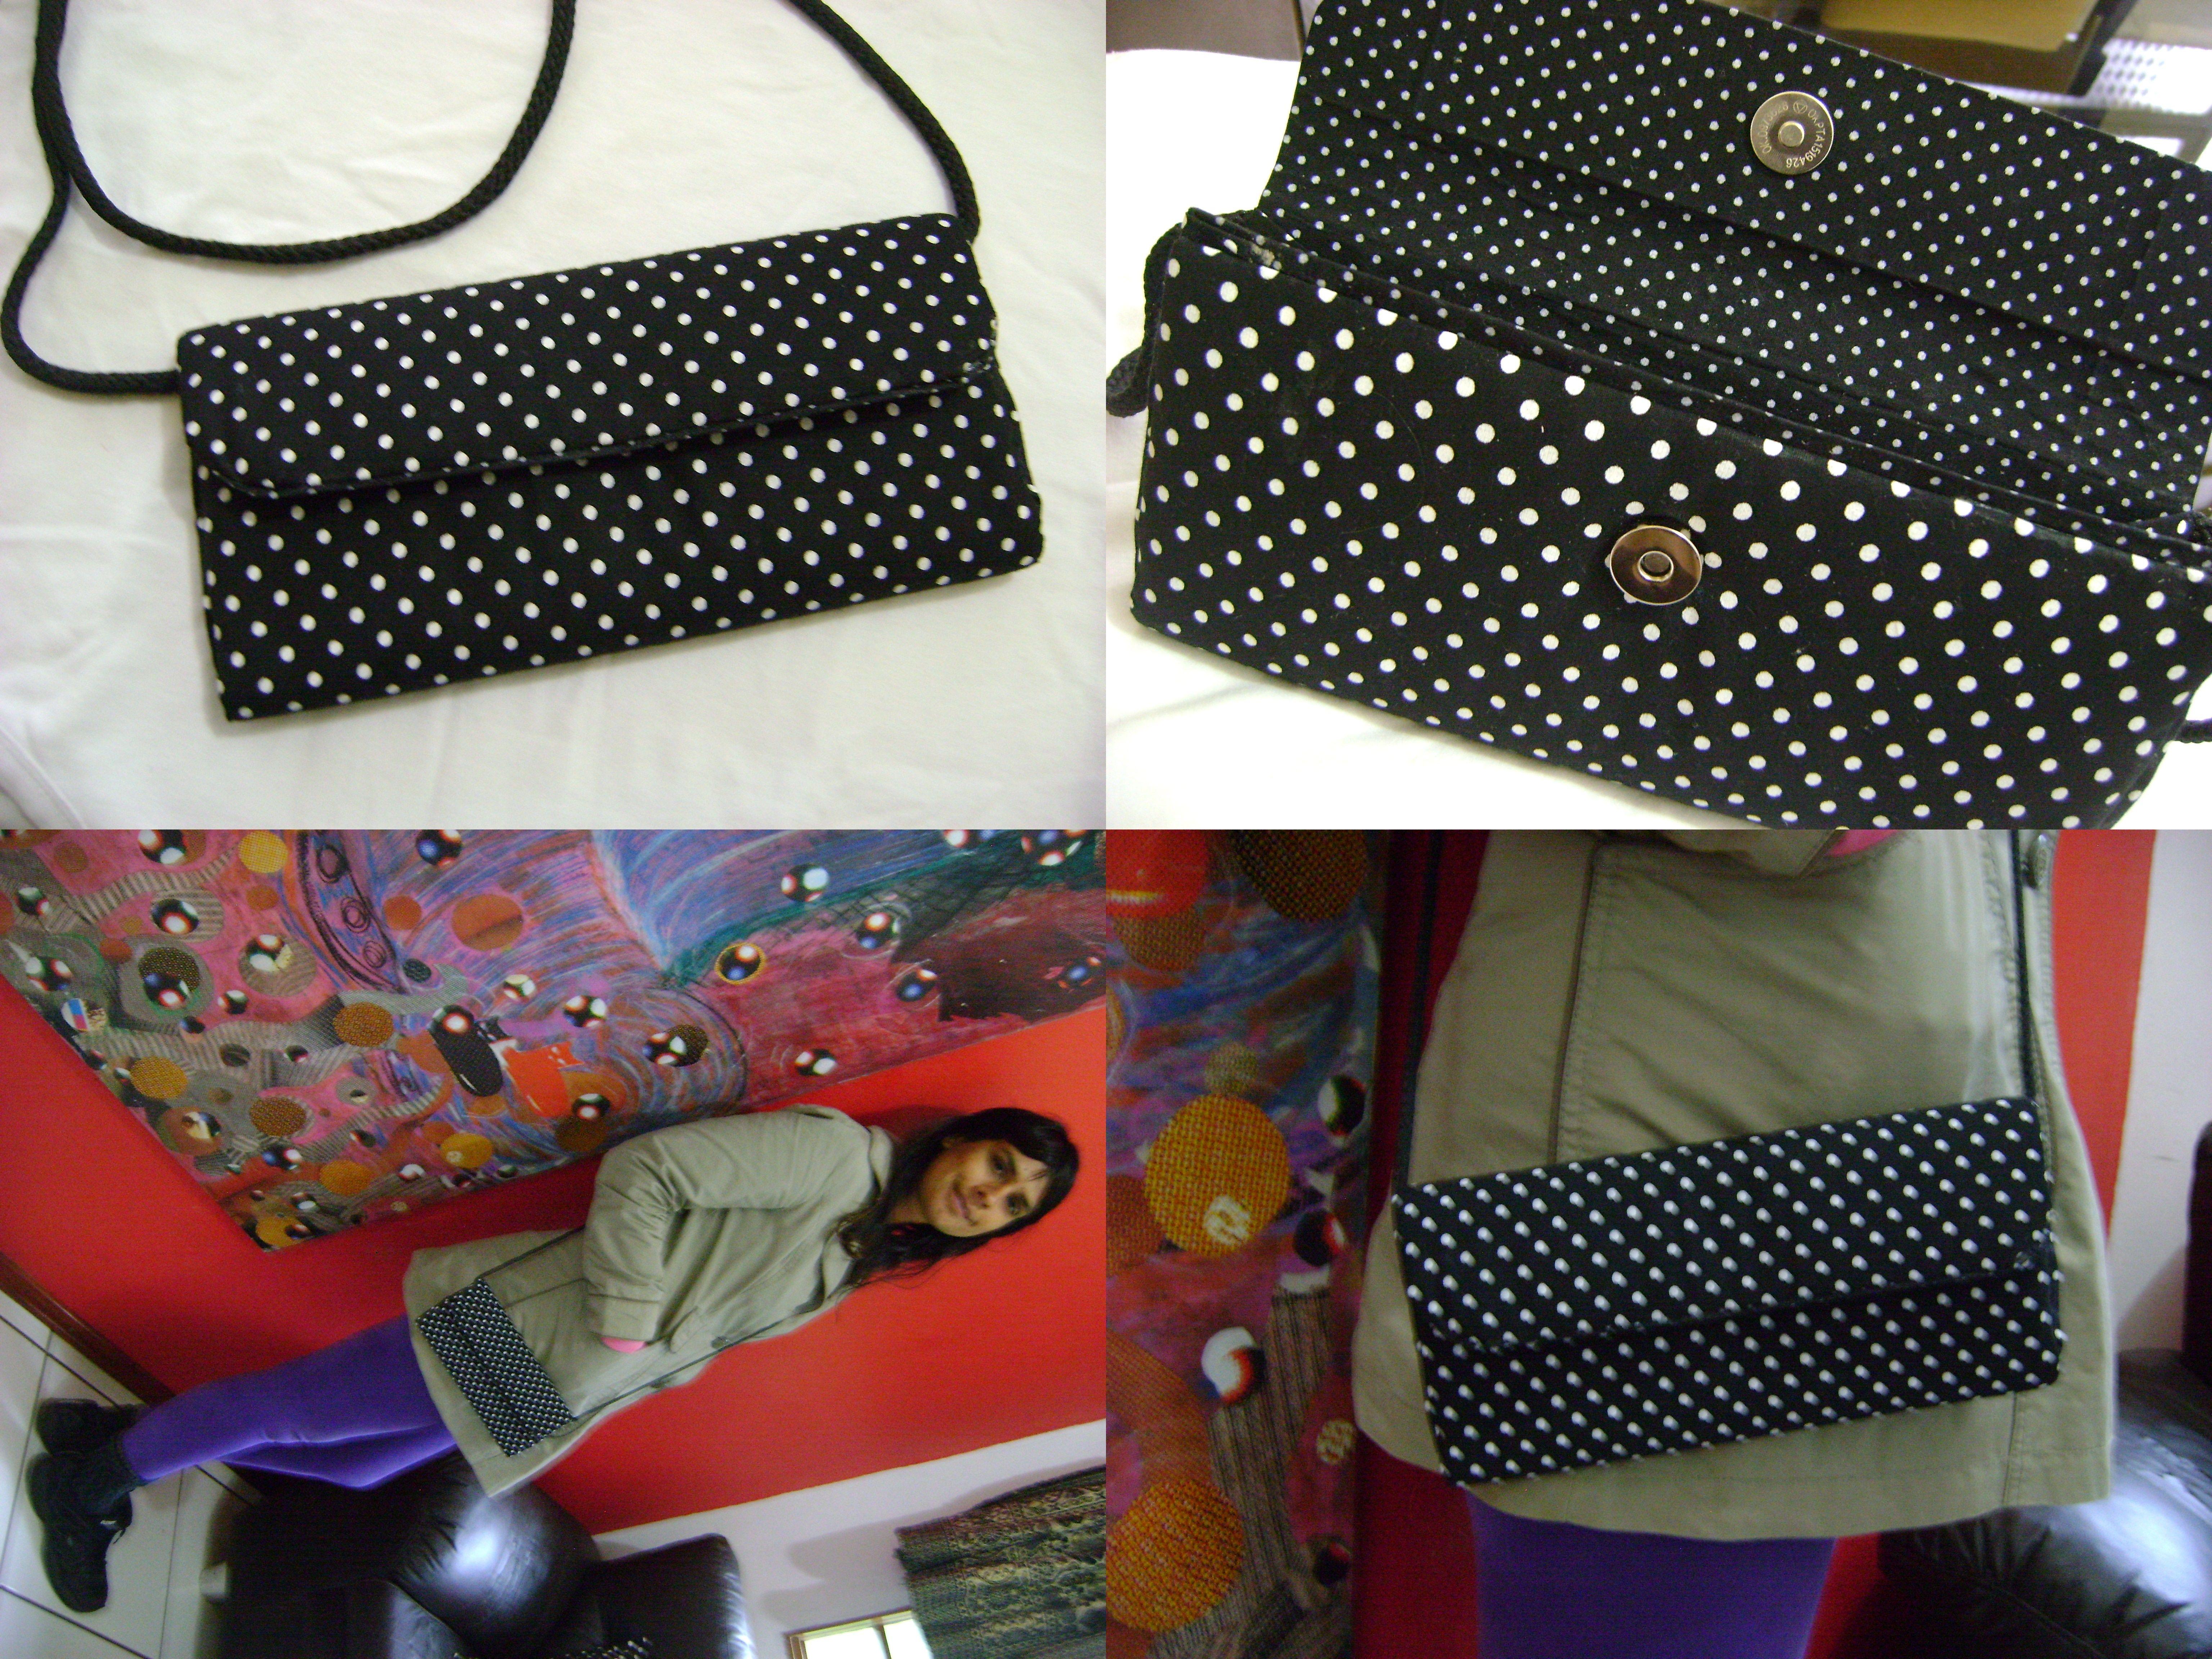 Bolsa Feita Com Caixa De Leite E Tecido : Bolsinha feita com caixa de leite revestida tecido po?